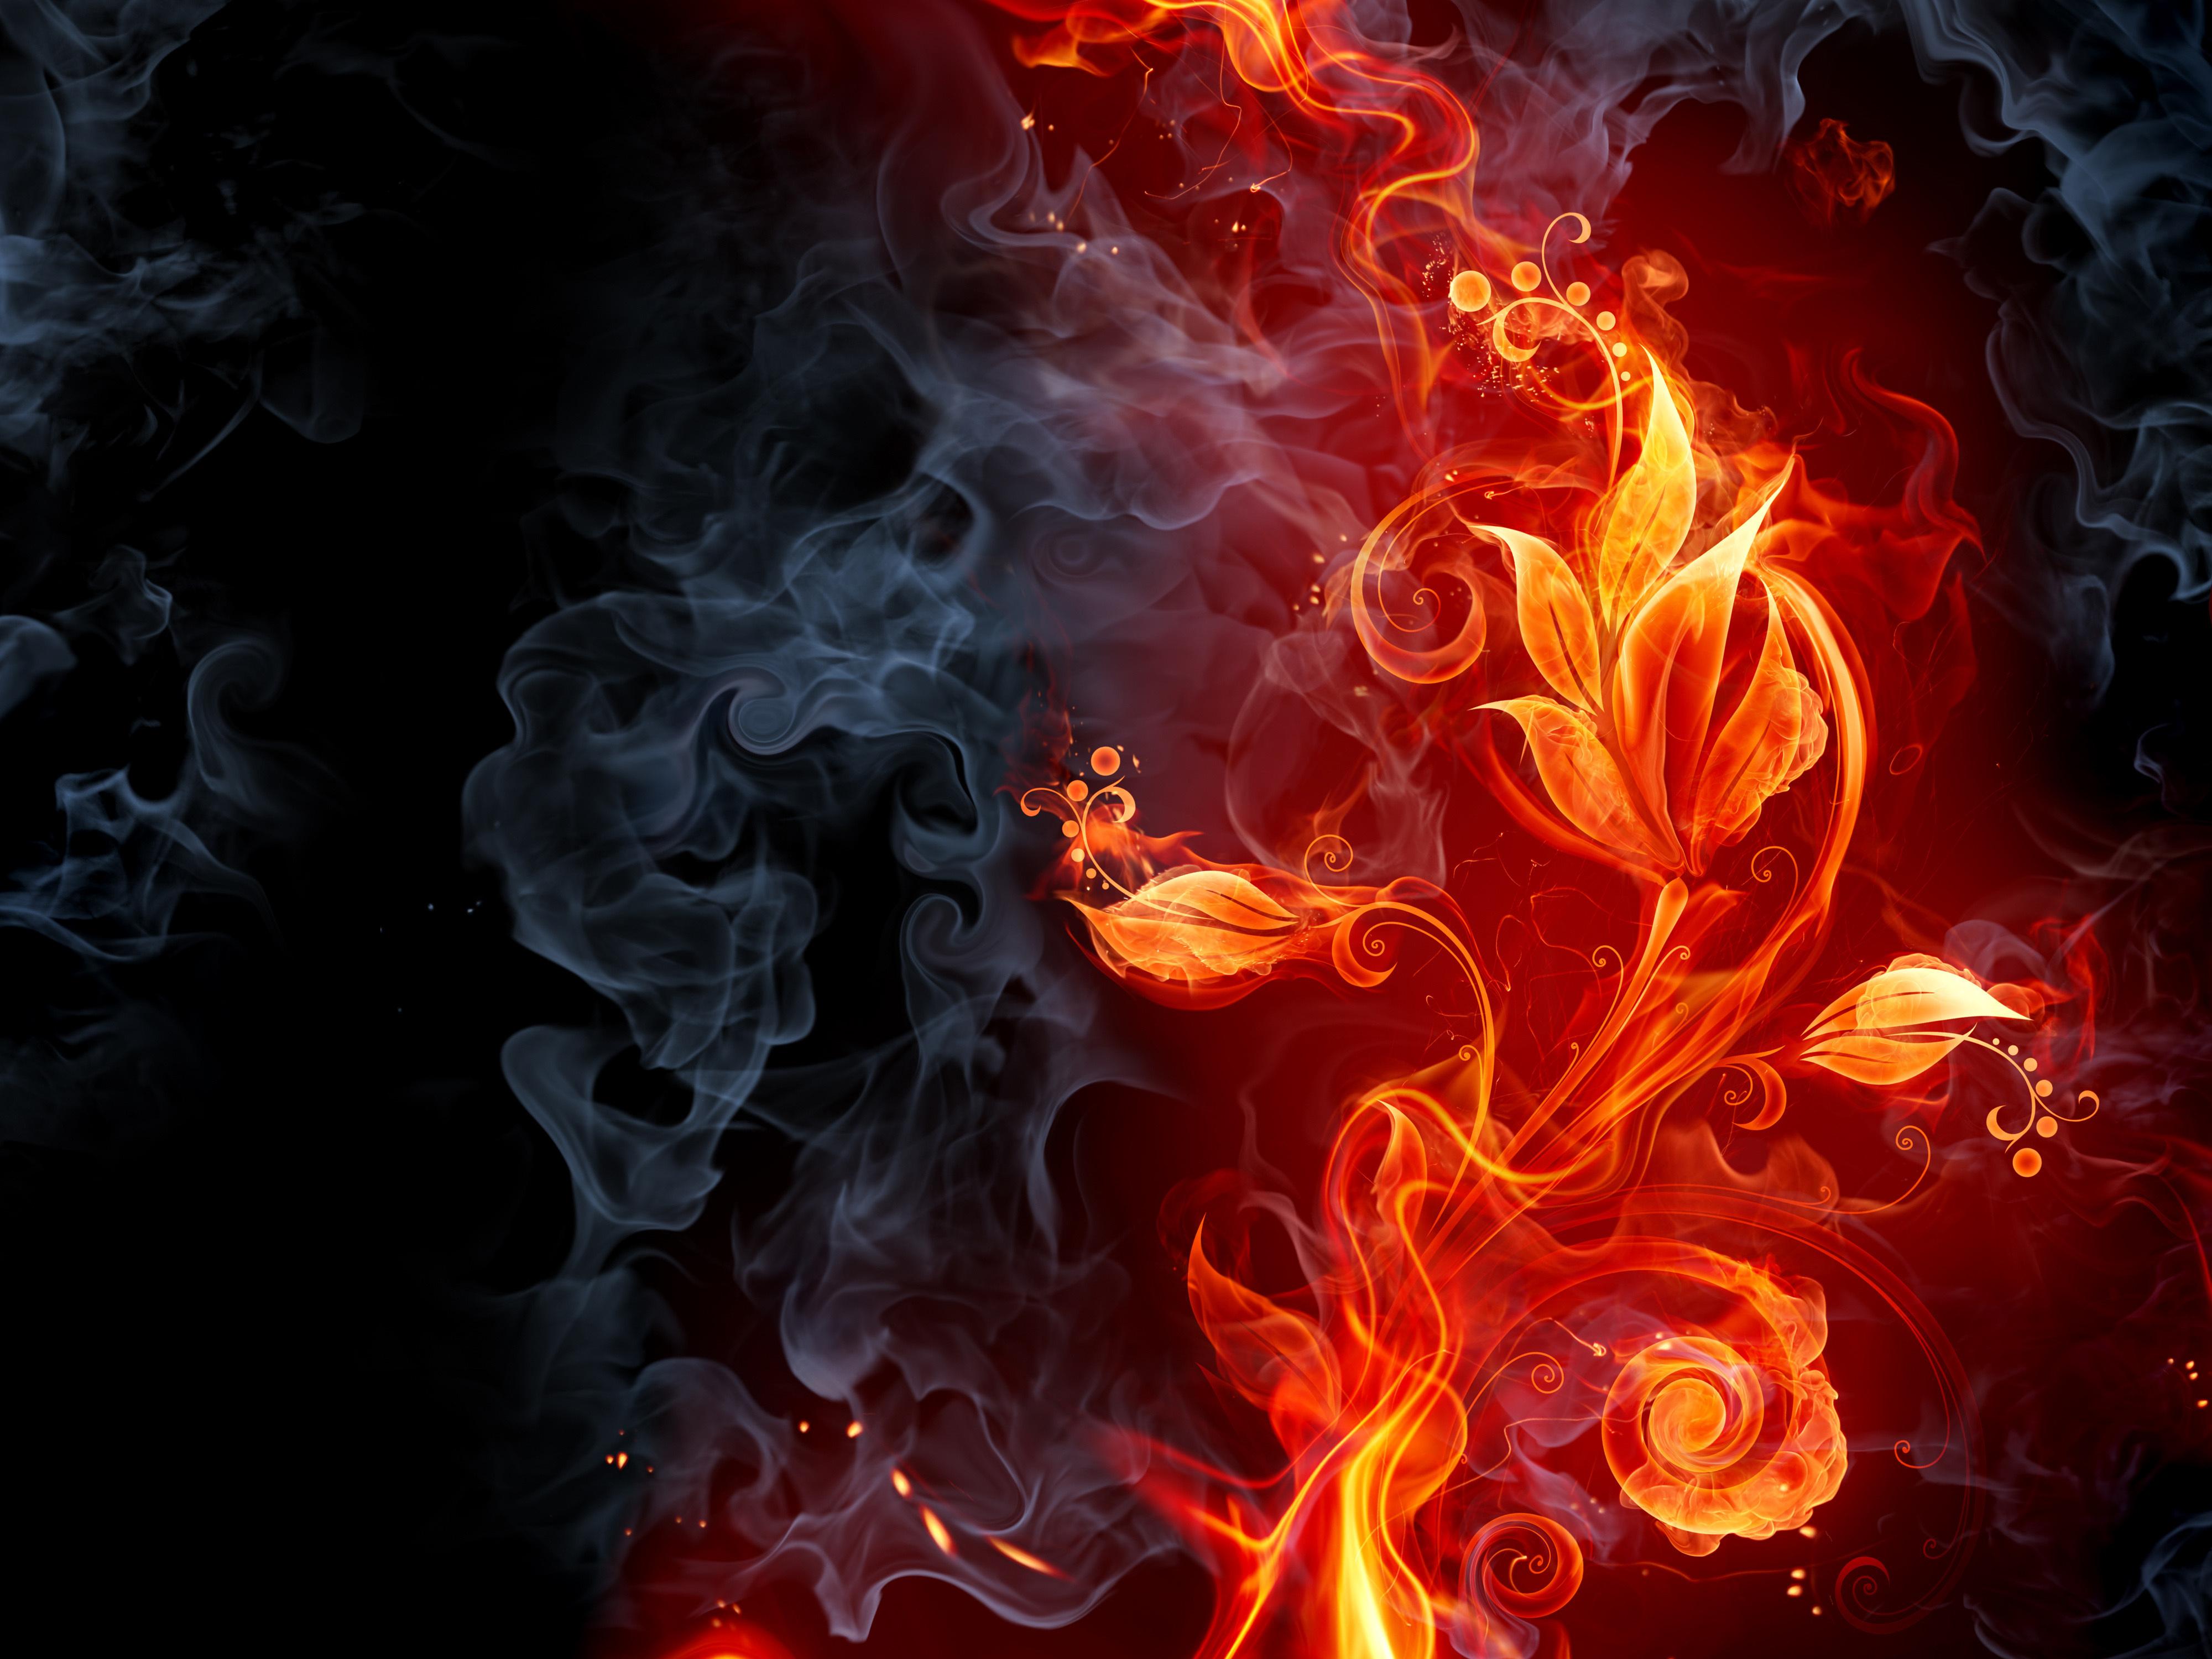 Black Fire Smoke - wallpaper